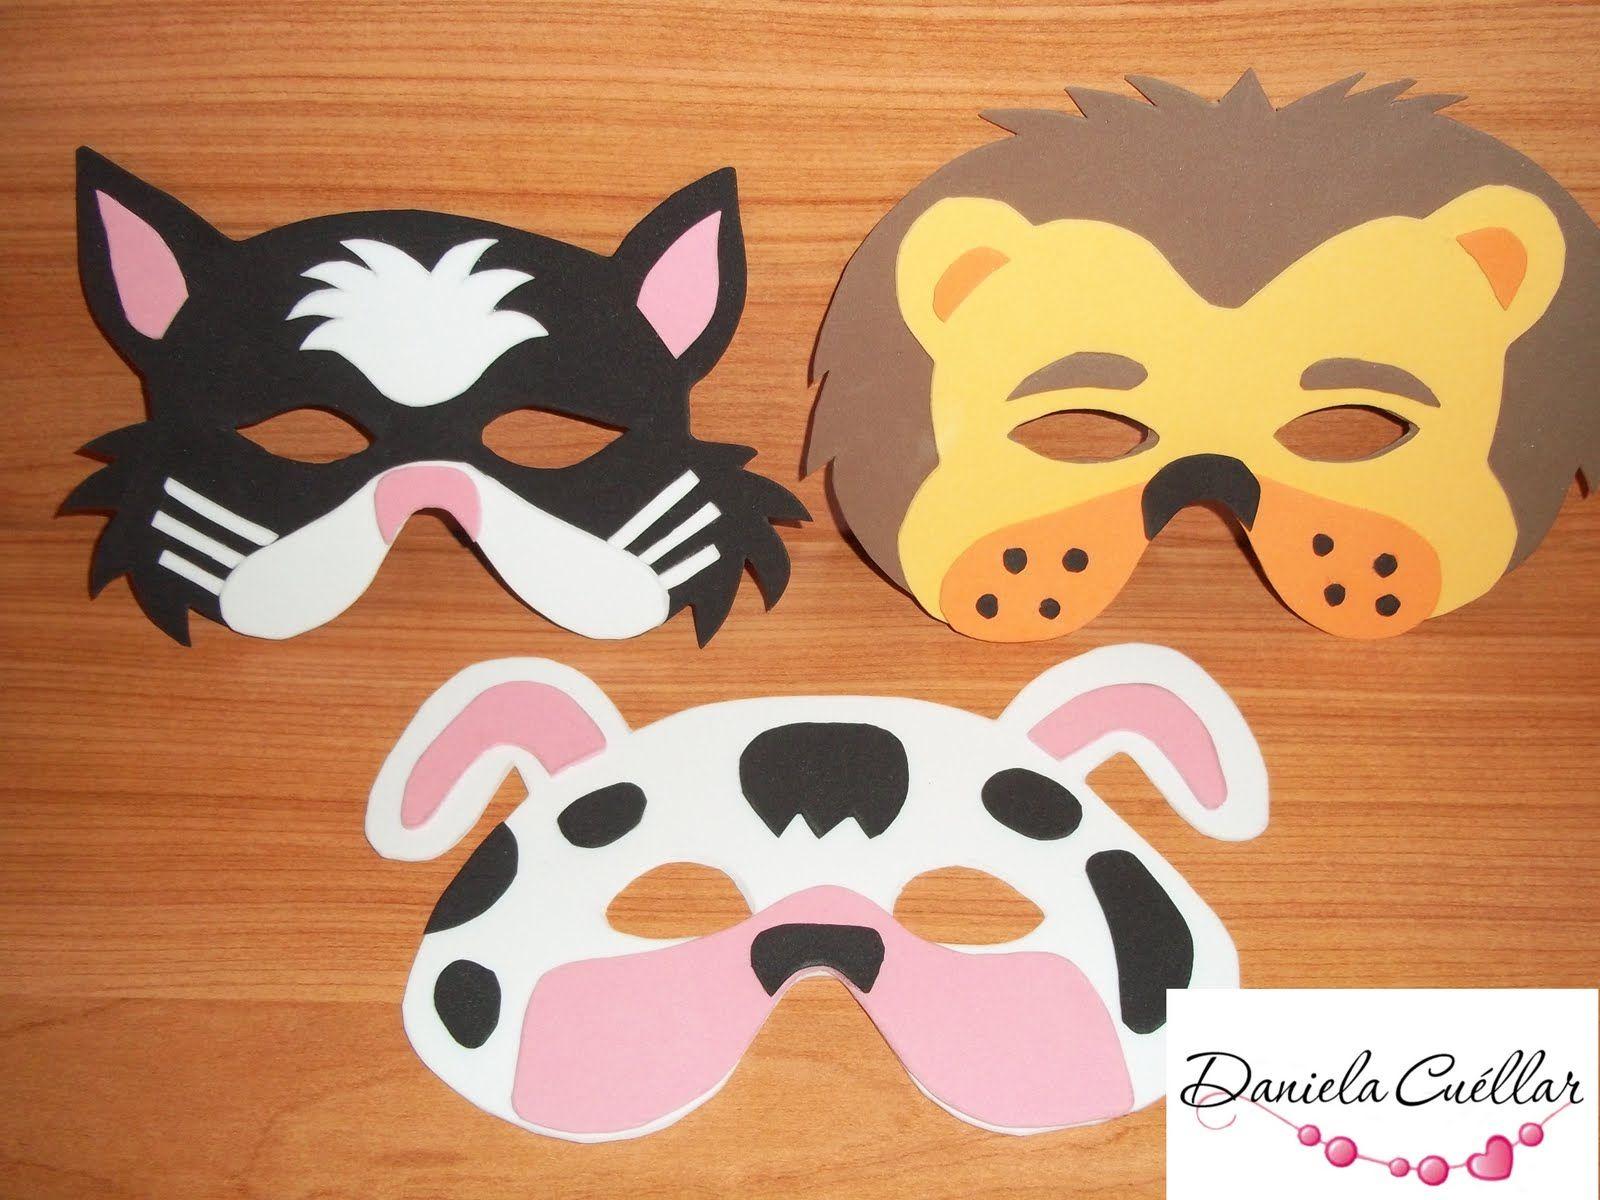 Villa caramelo mascaras de animales teatro cole - Mascaras para carnaval manualidades ...